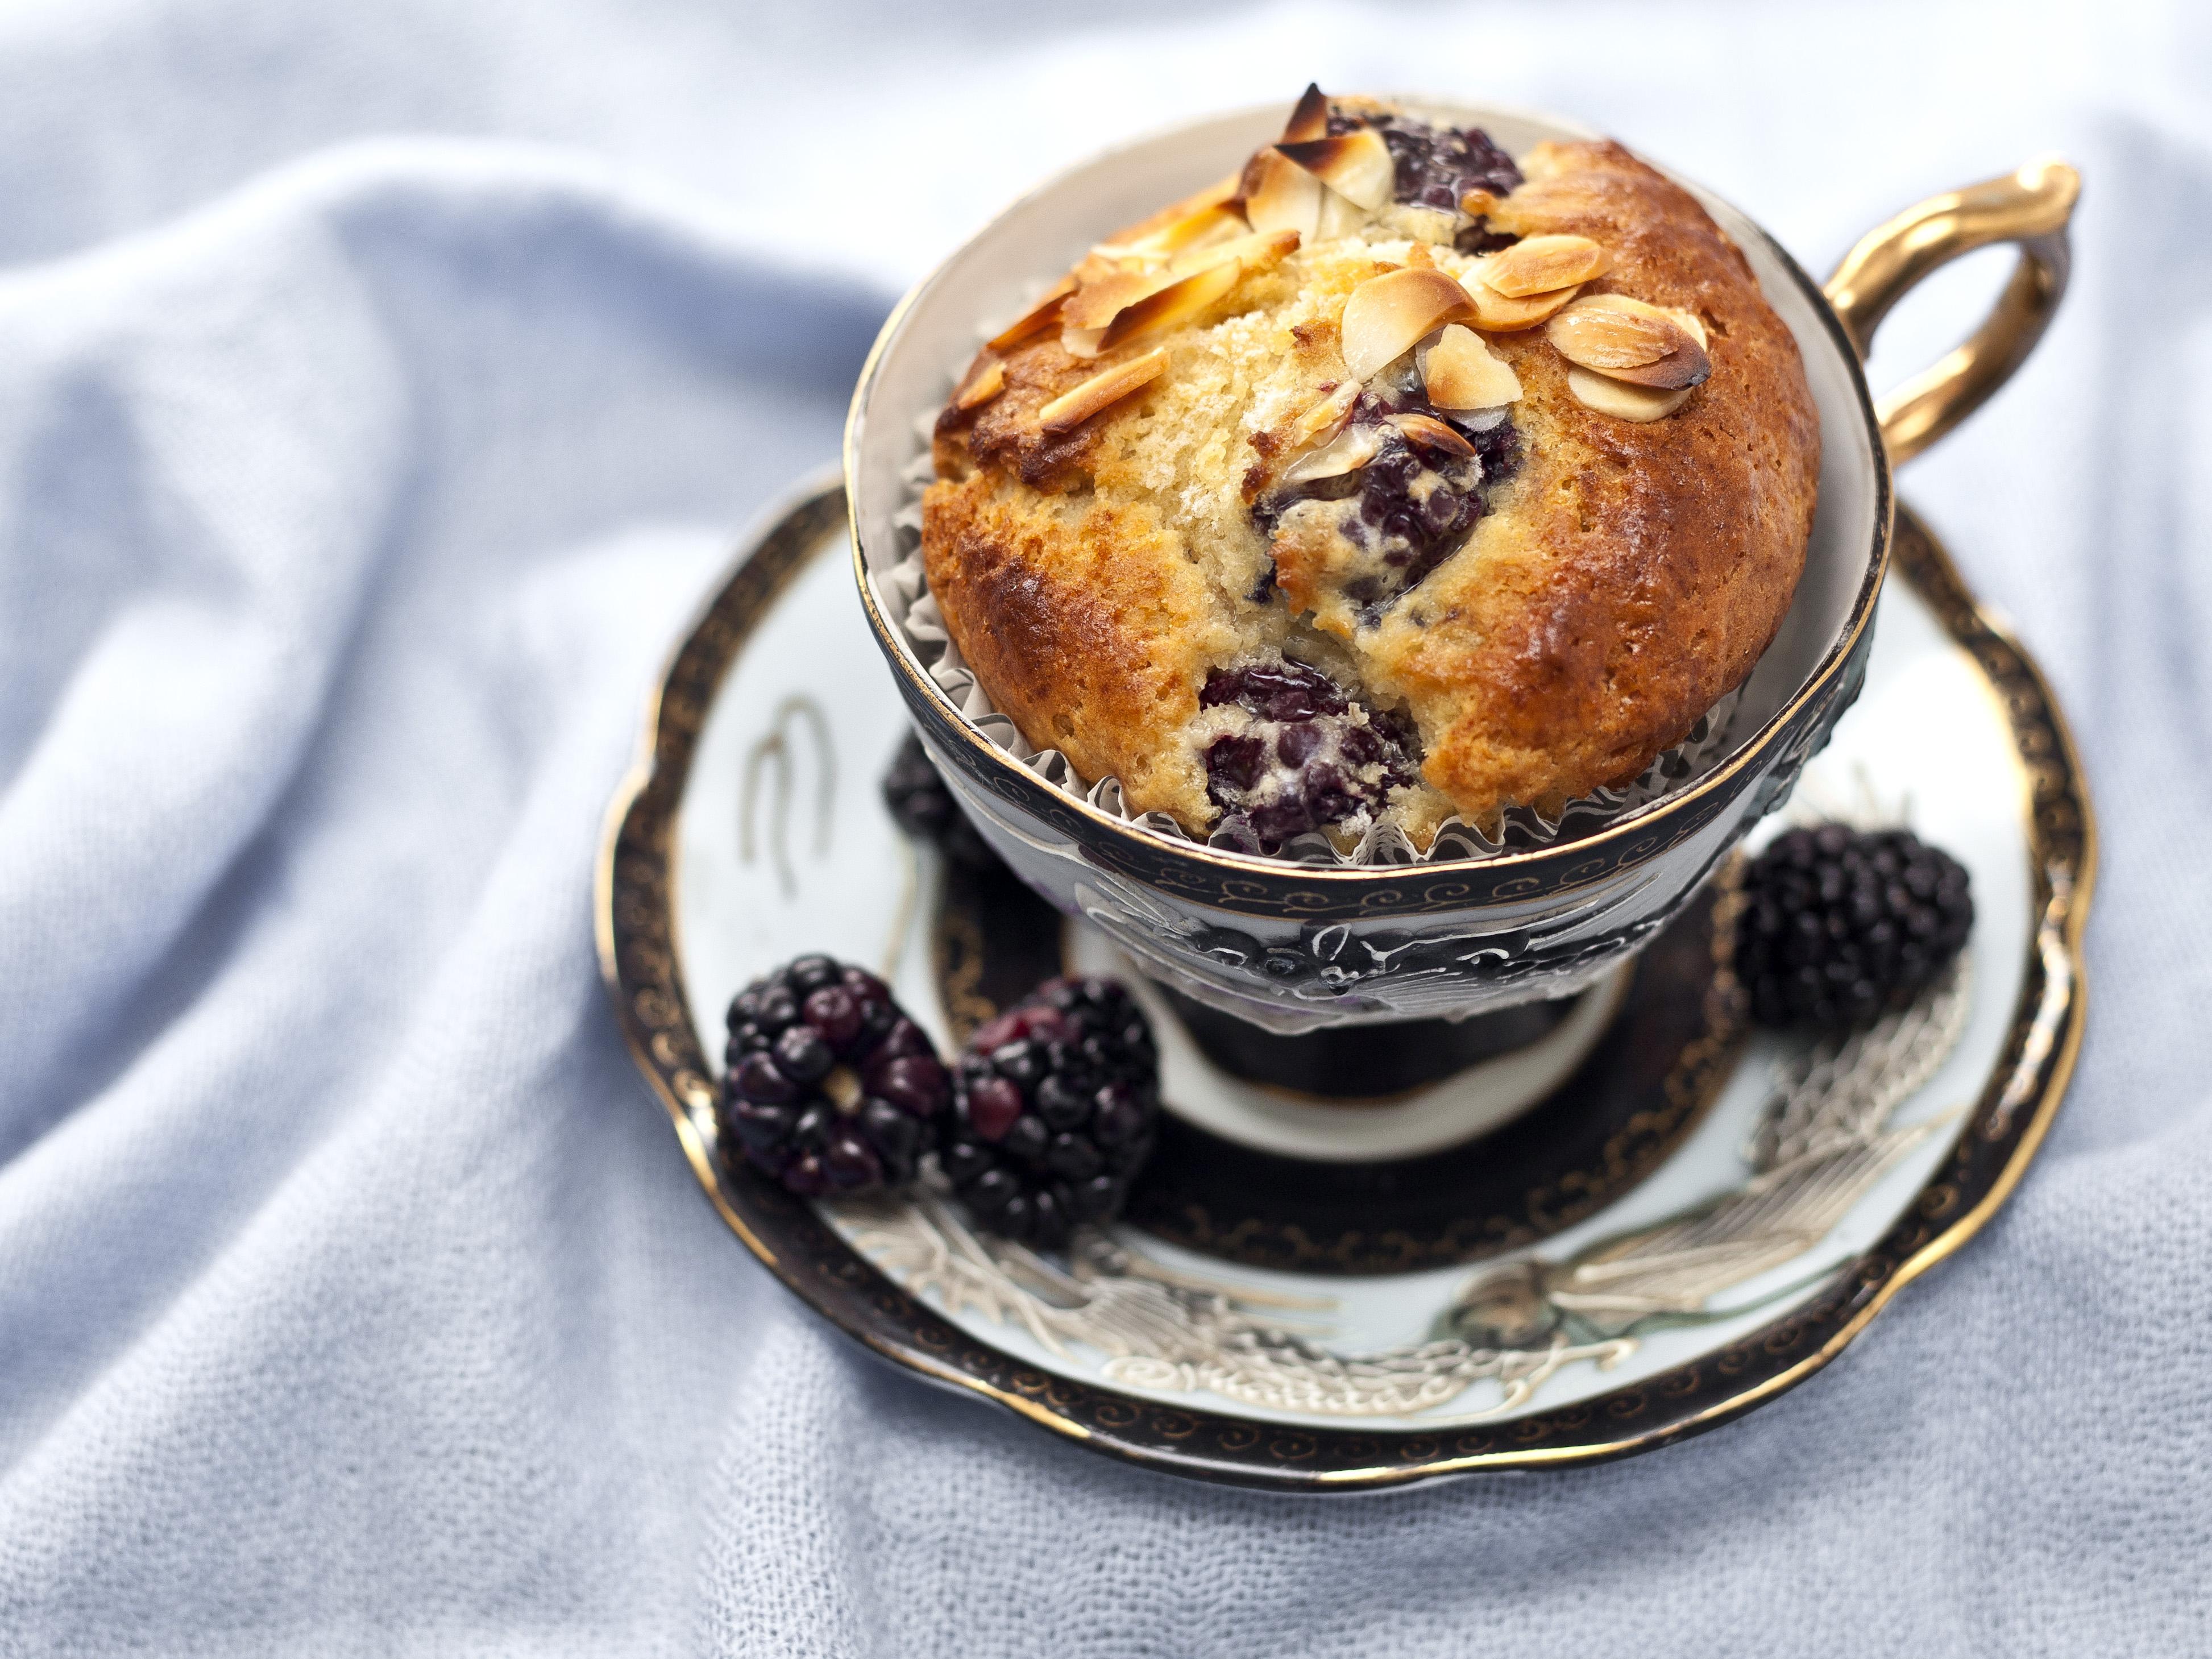 Как сделать кексы в домашних условиях без молока